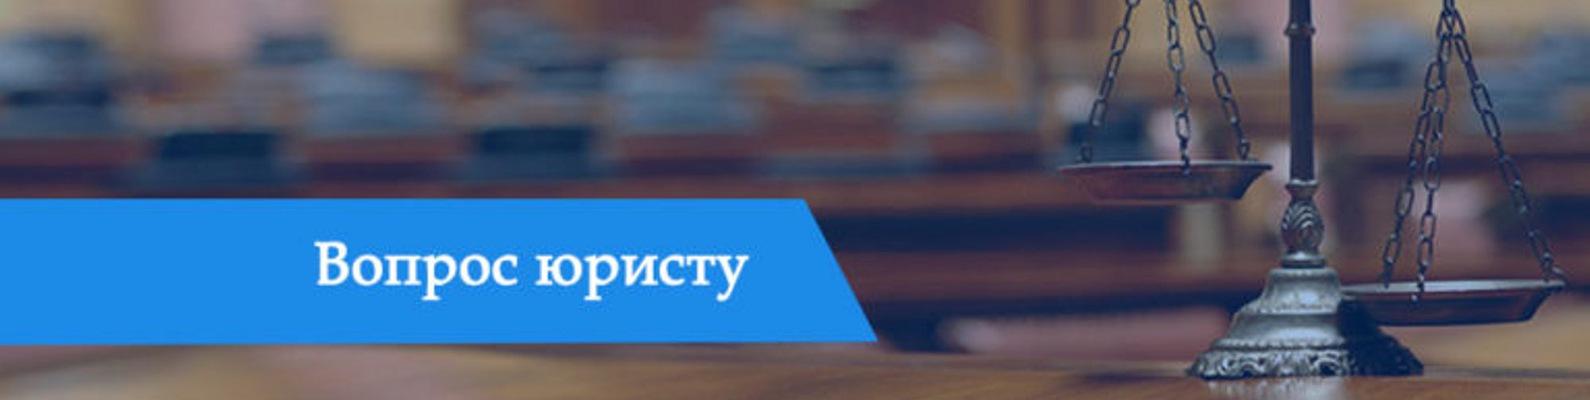 вопросы и ответы юристу казахстана